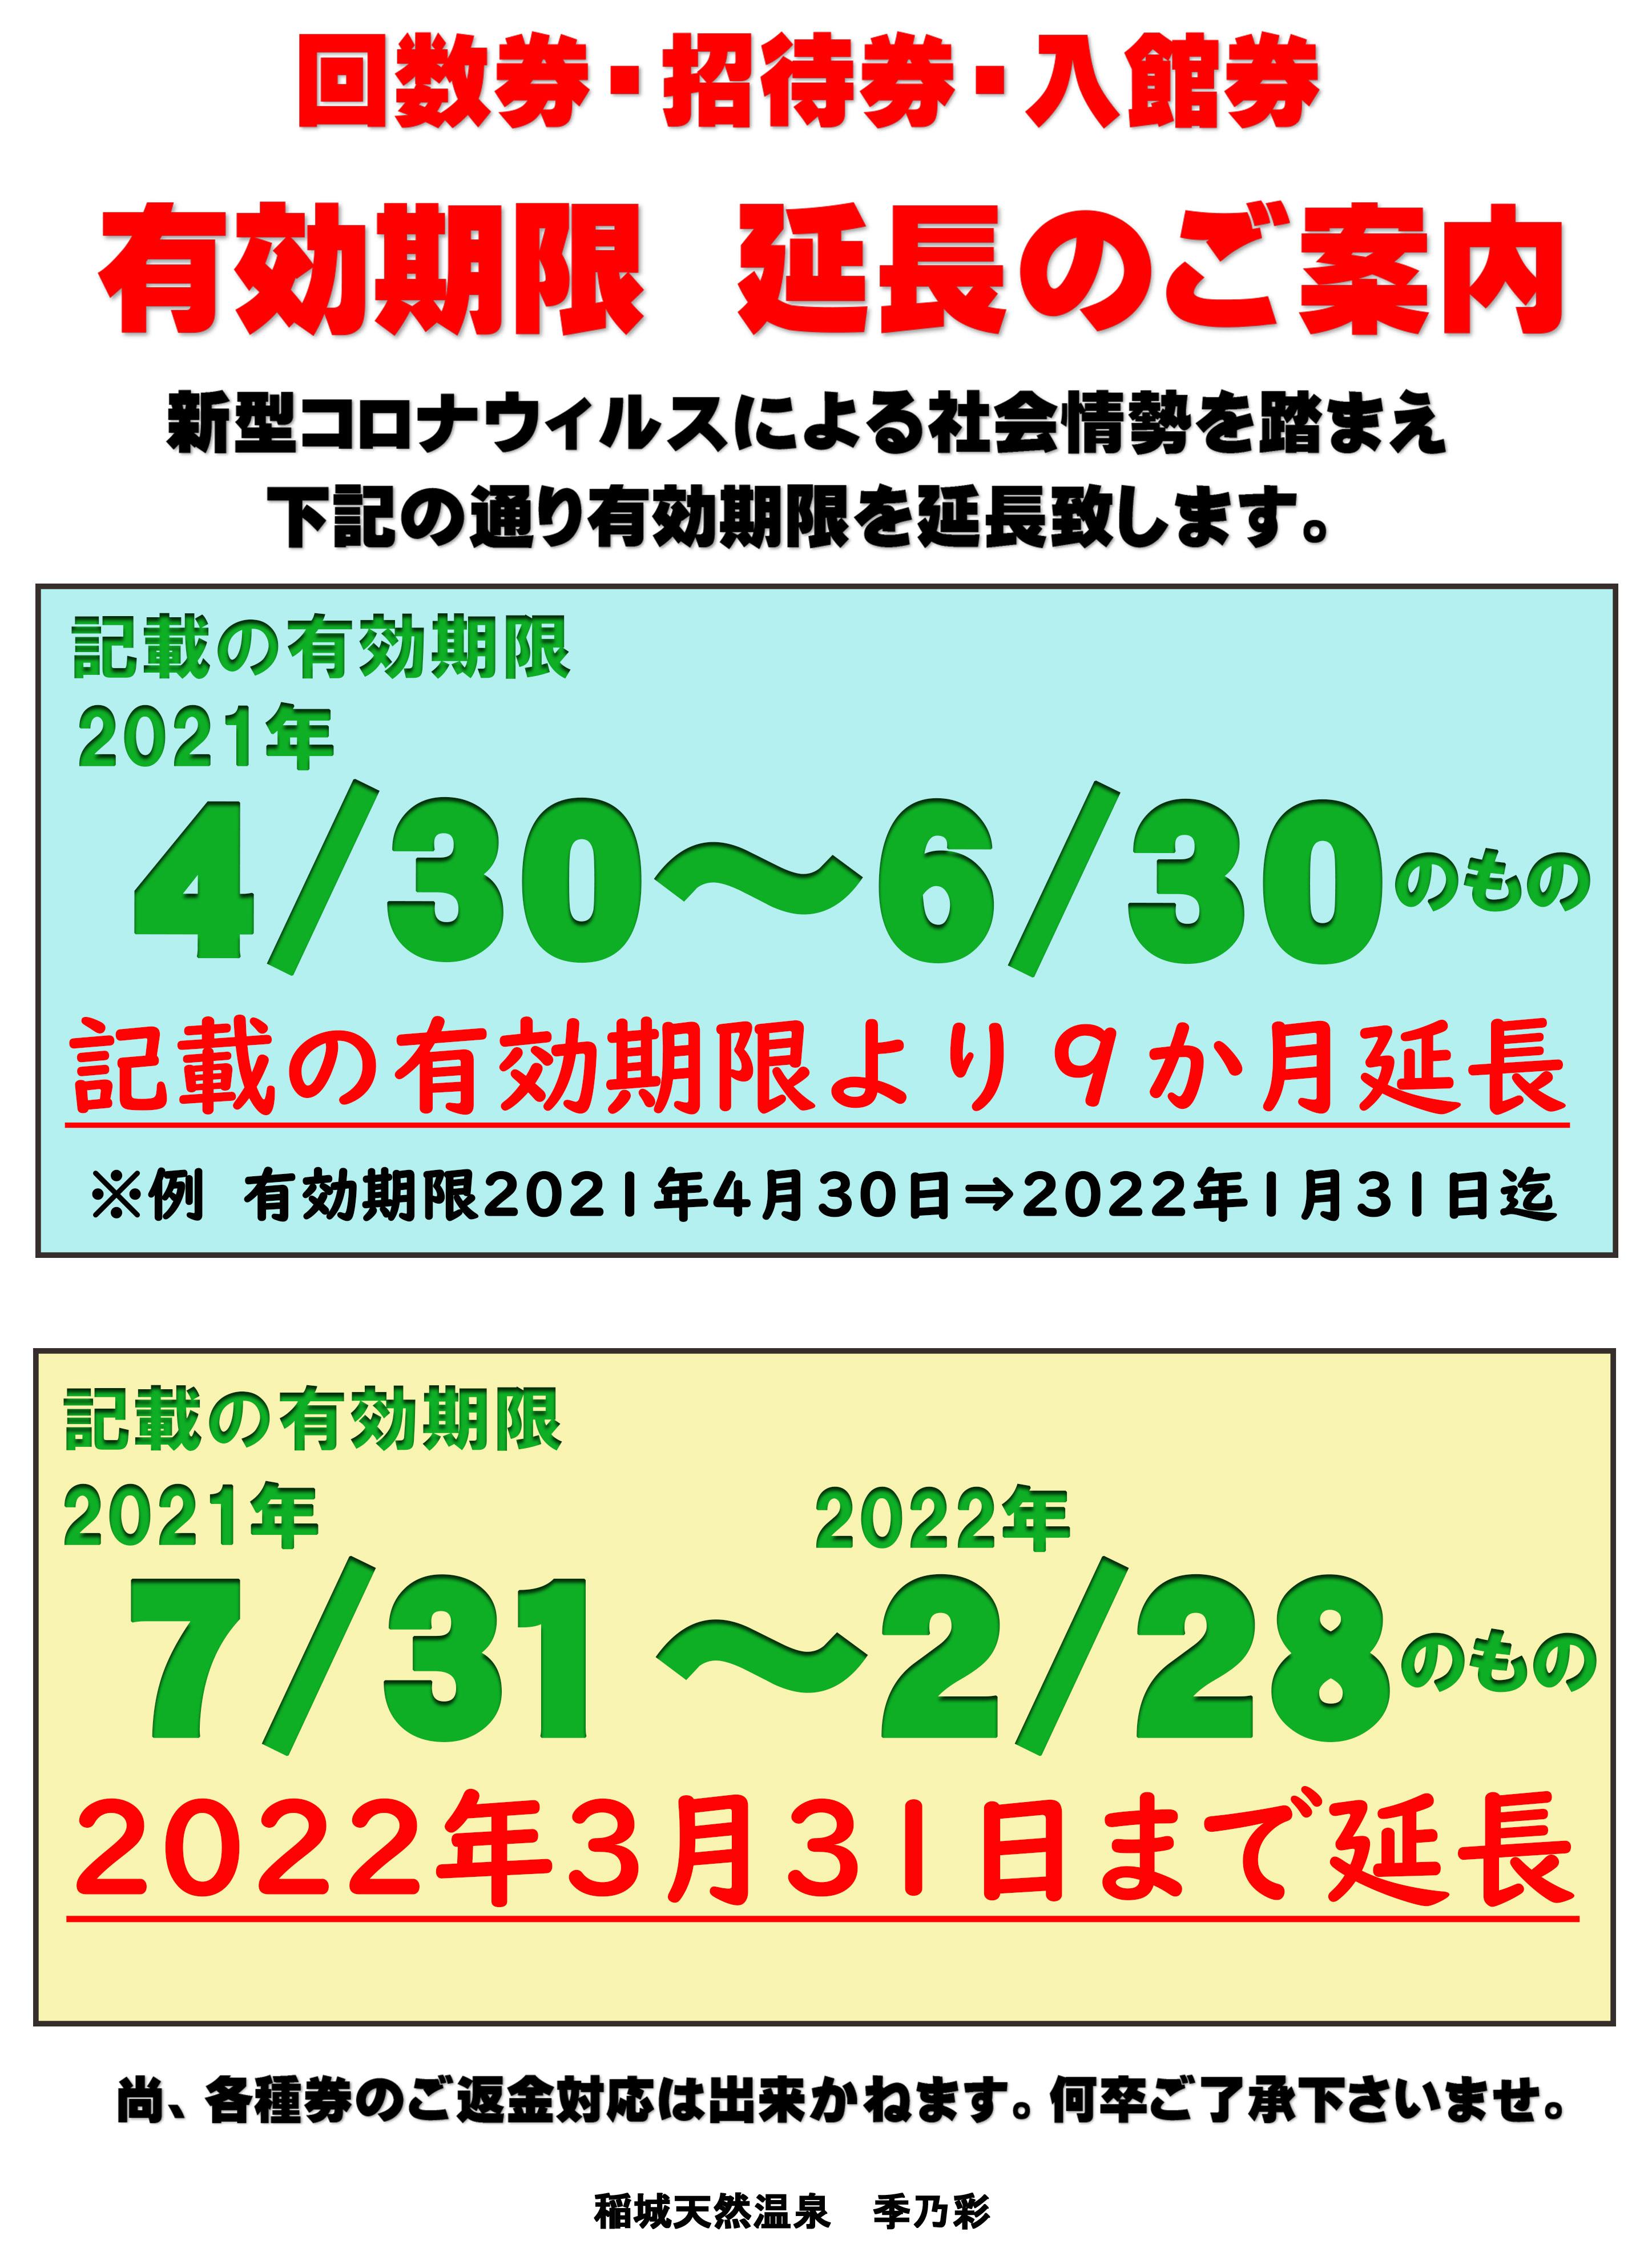 回数券有効期限延長202110